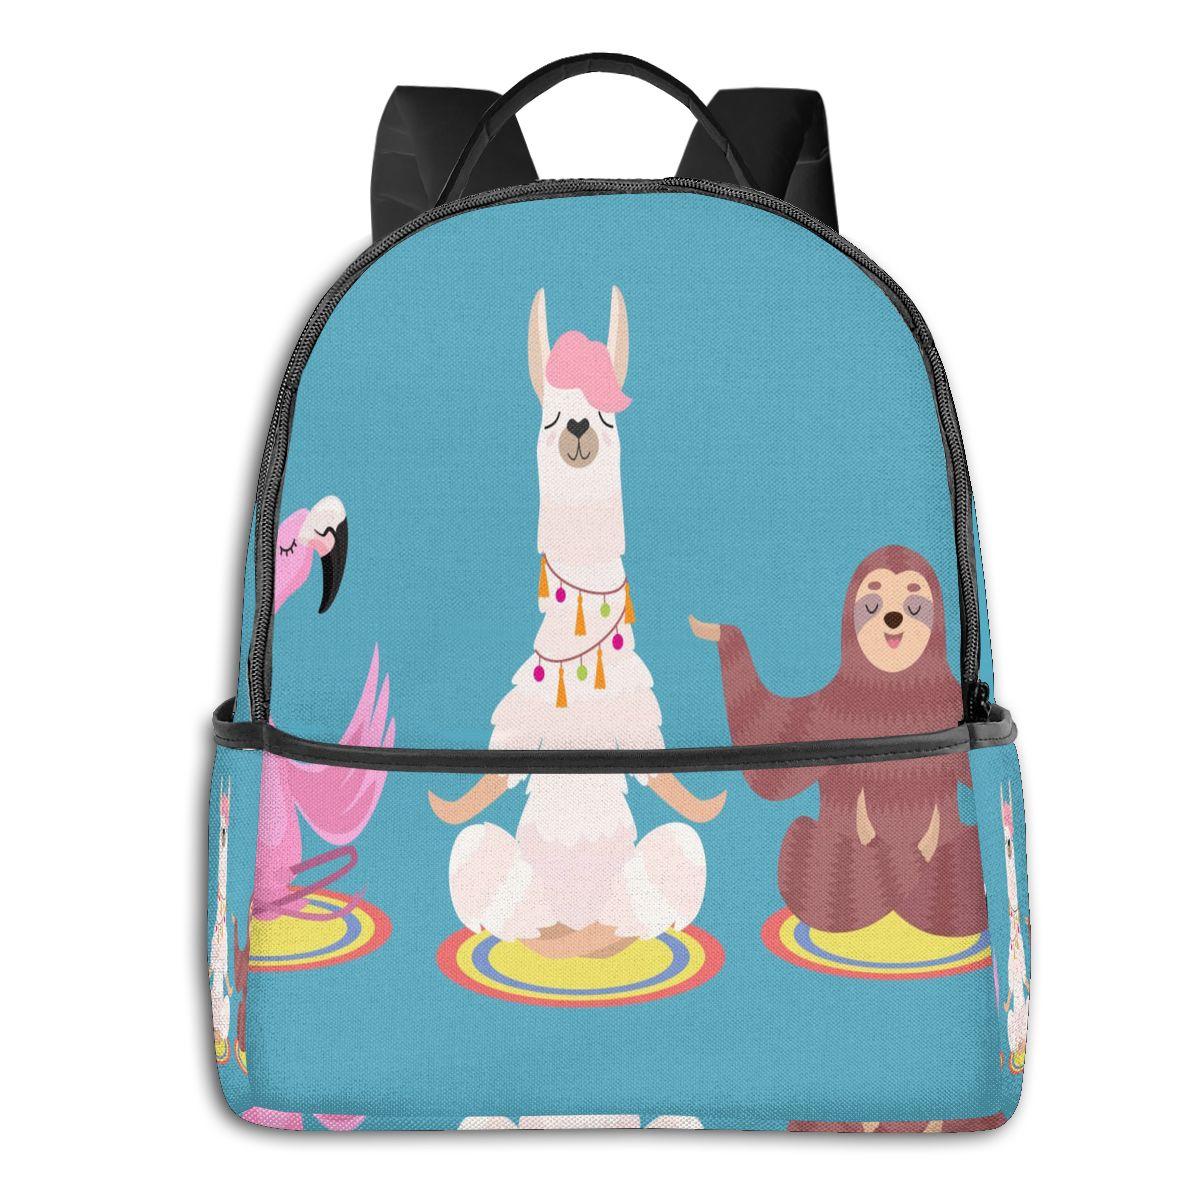 حقيبة ظهر عادية لطيف الكسل اللاما و فلامنغو موضة فريدة من نوعها حقيبة مدرسية الكتف للطلاب المراهقين